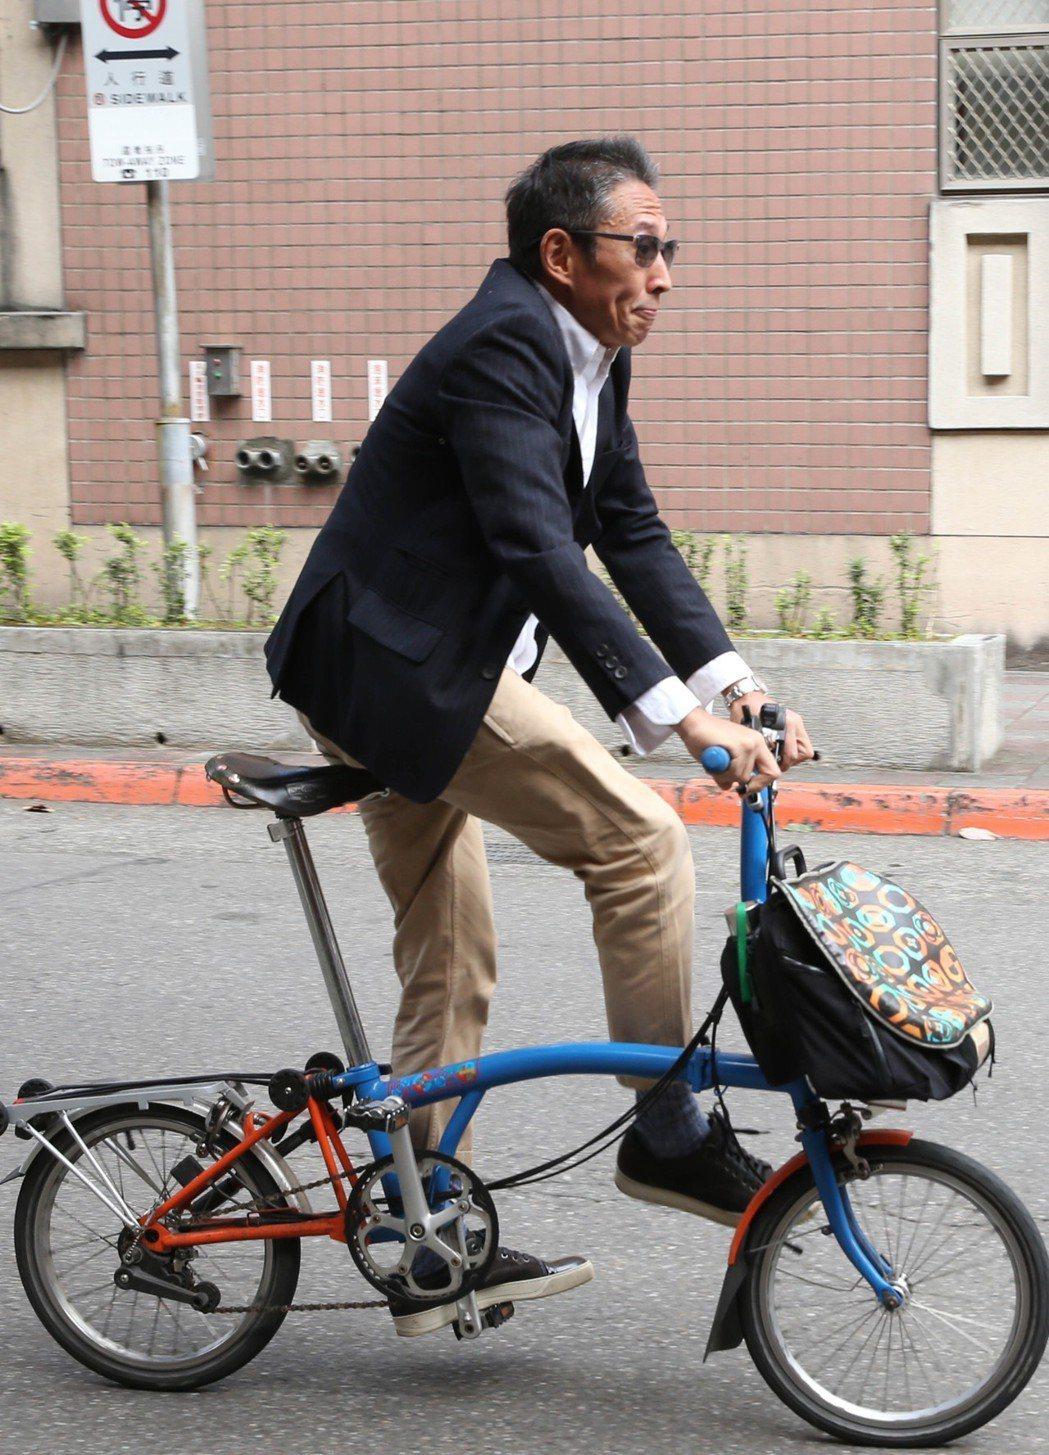 導演鈕承澤性侵案,上午他西裝筆挺一派輕鬆,騎腳踏車赴北院開庭。記者林俊良/攝影